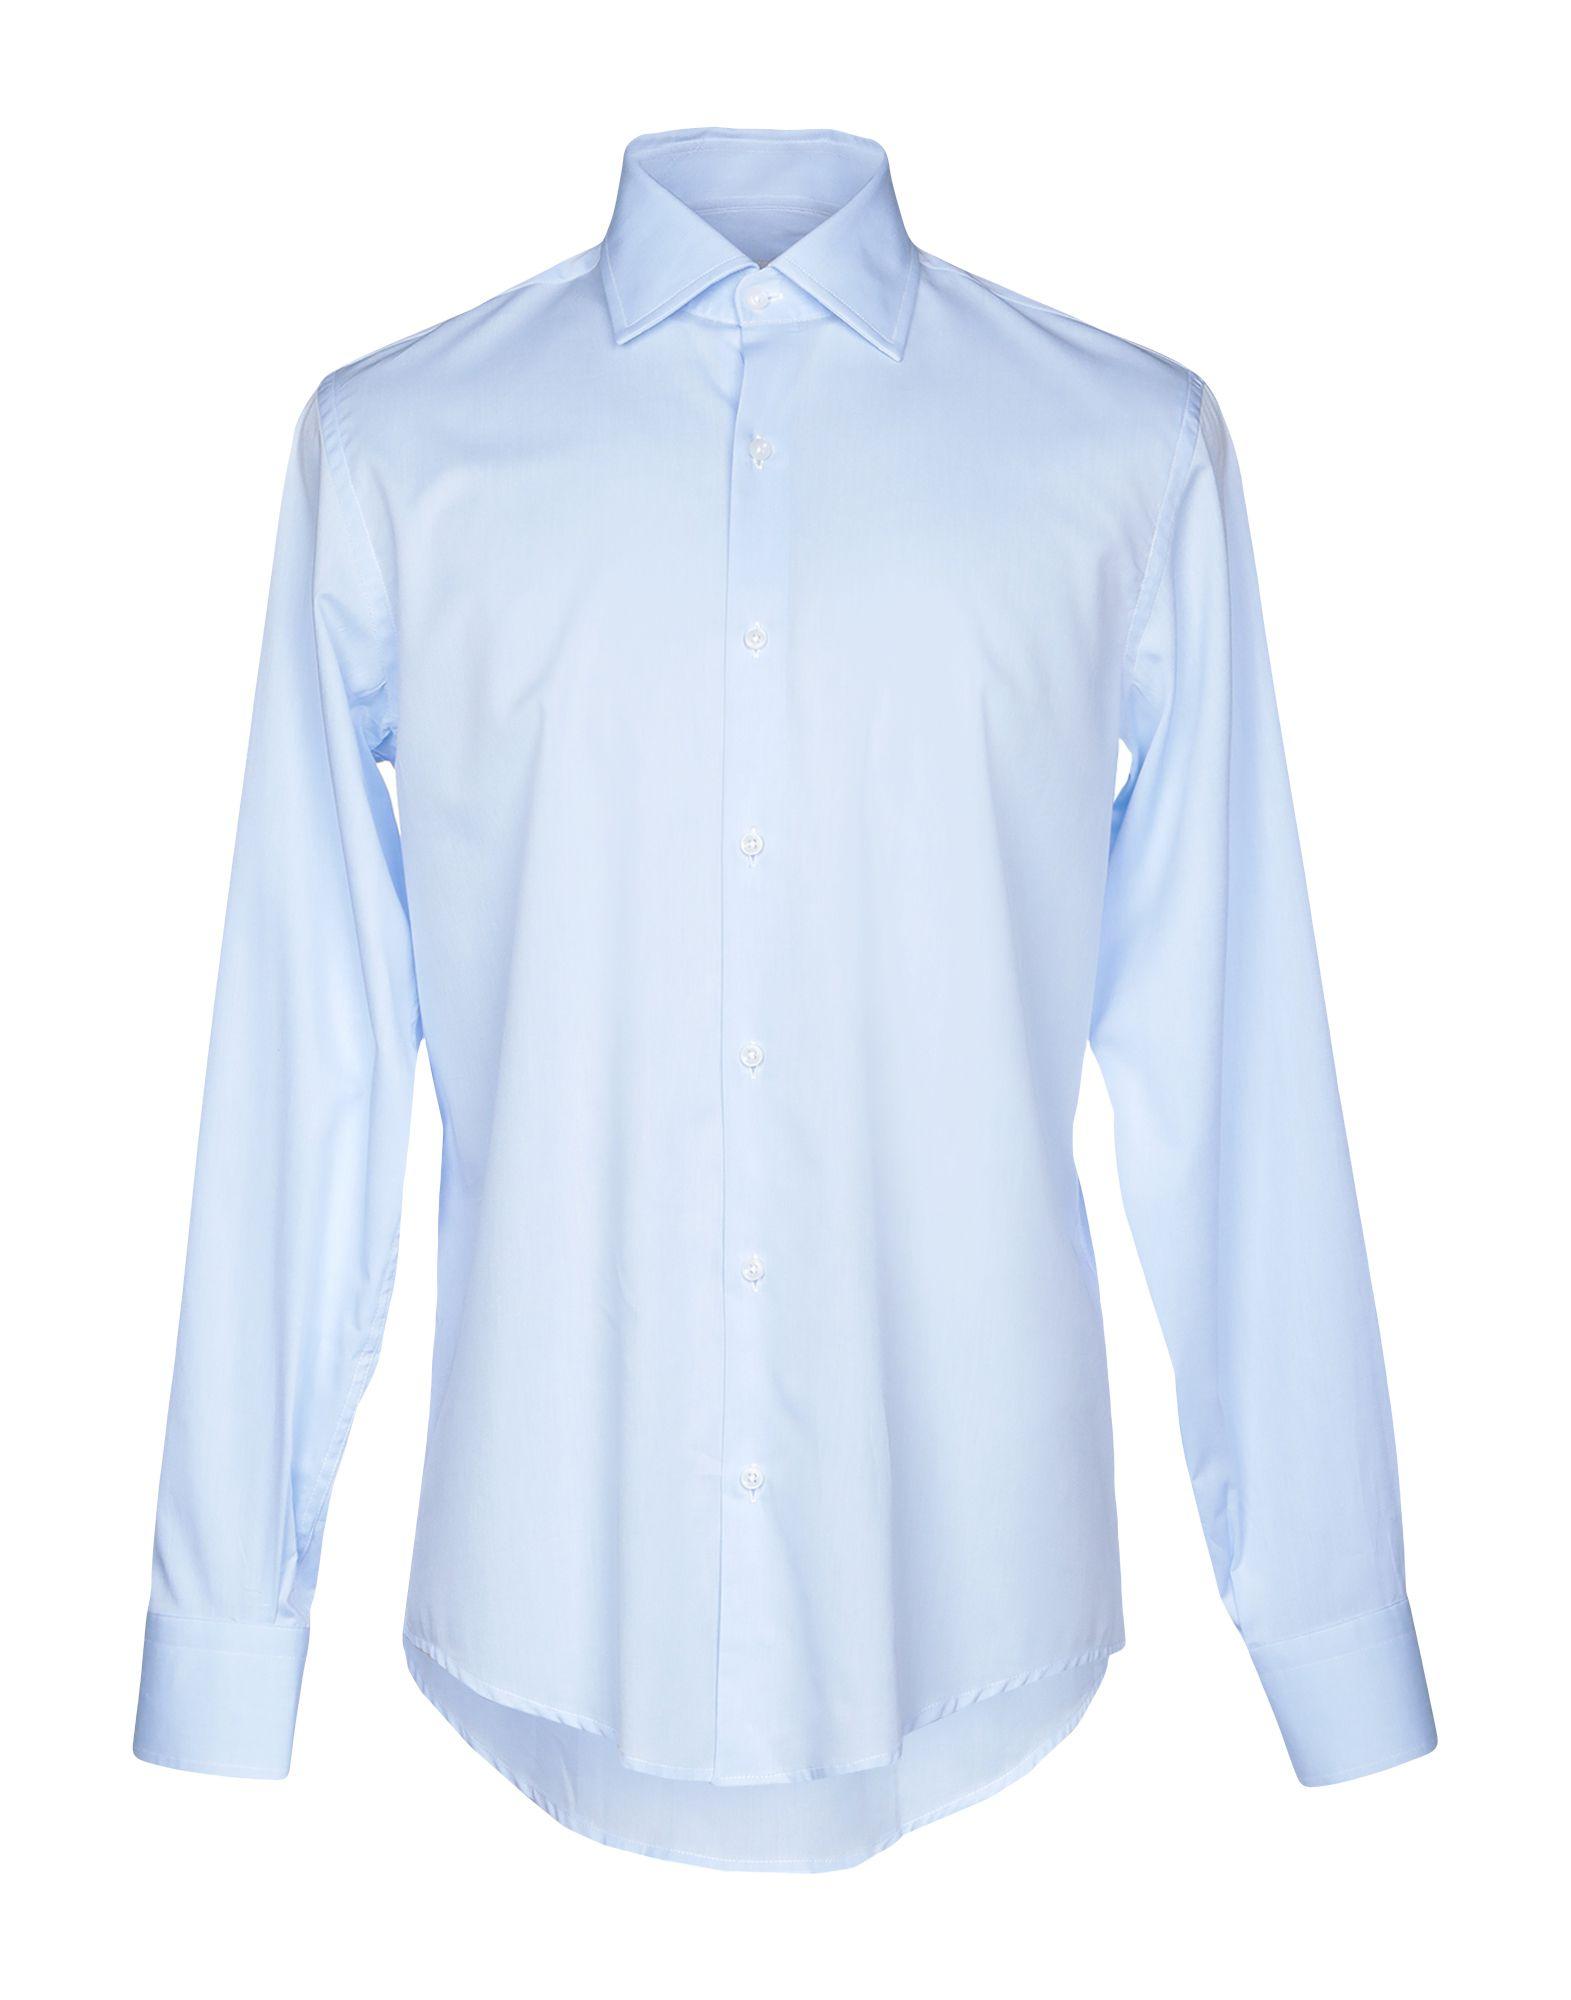 《送料無料》EGON von FURSTENBERG メンズ シャツ アジュールブルー 39 コットン 100%